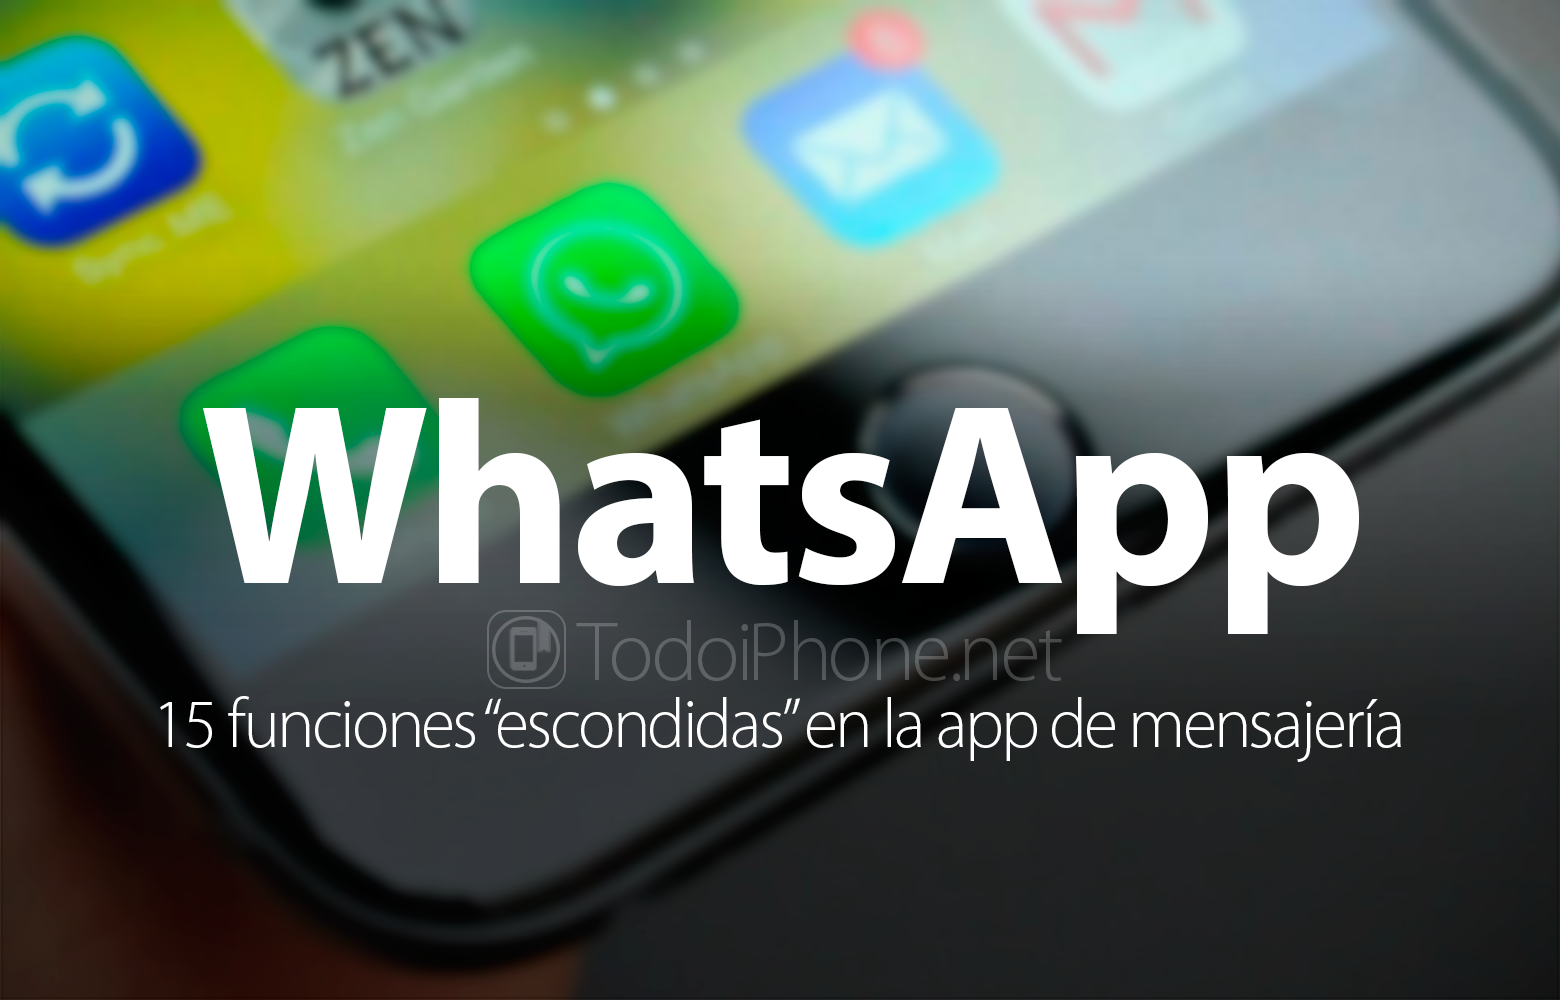 whatsapp-15-funciones-escondidas